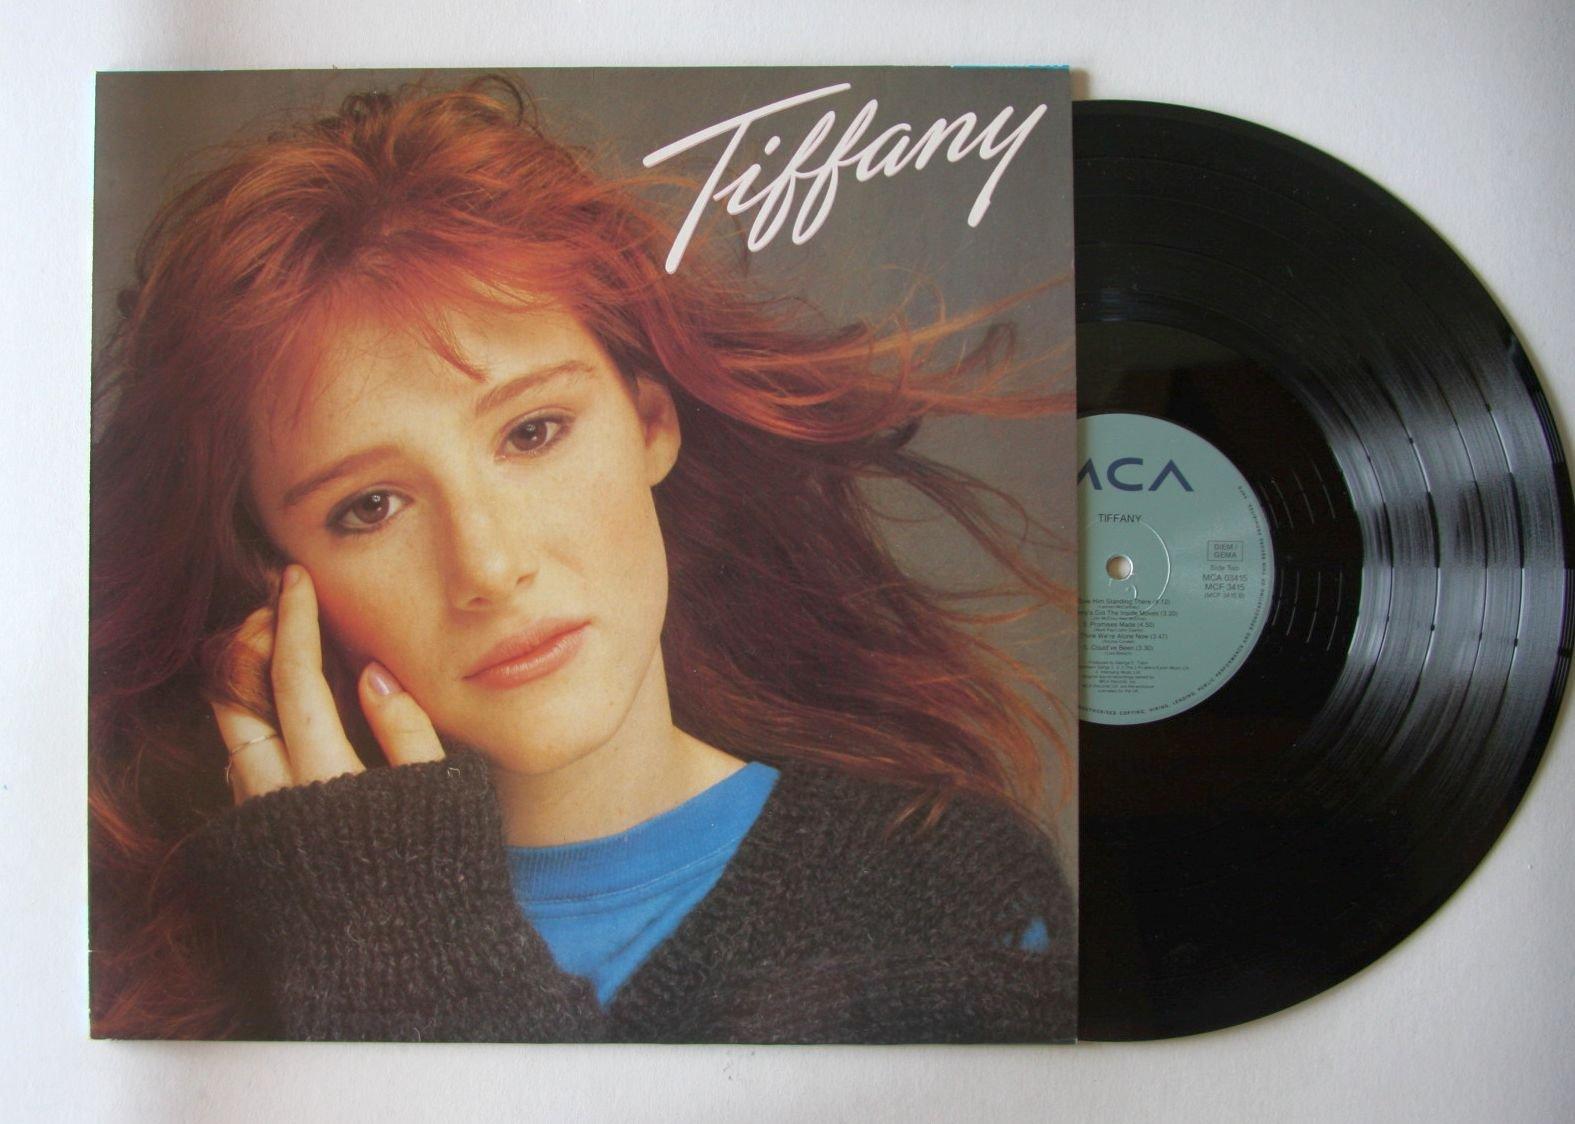 Tiffany - Tiffany EP